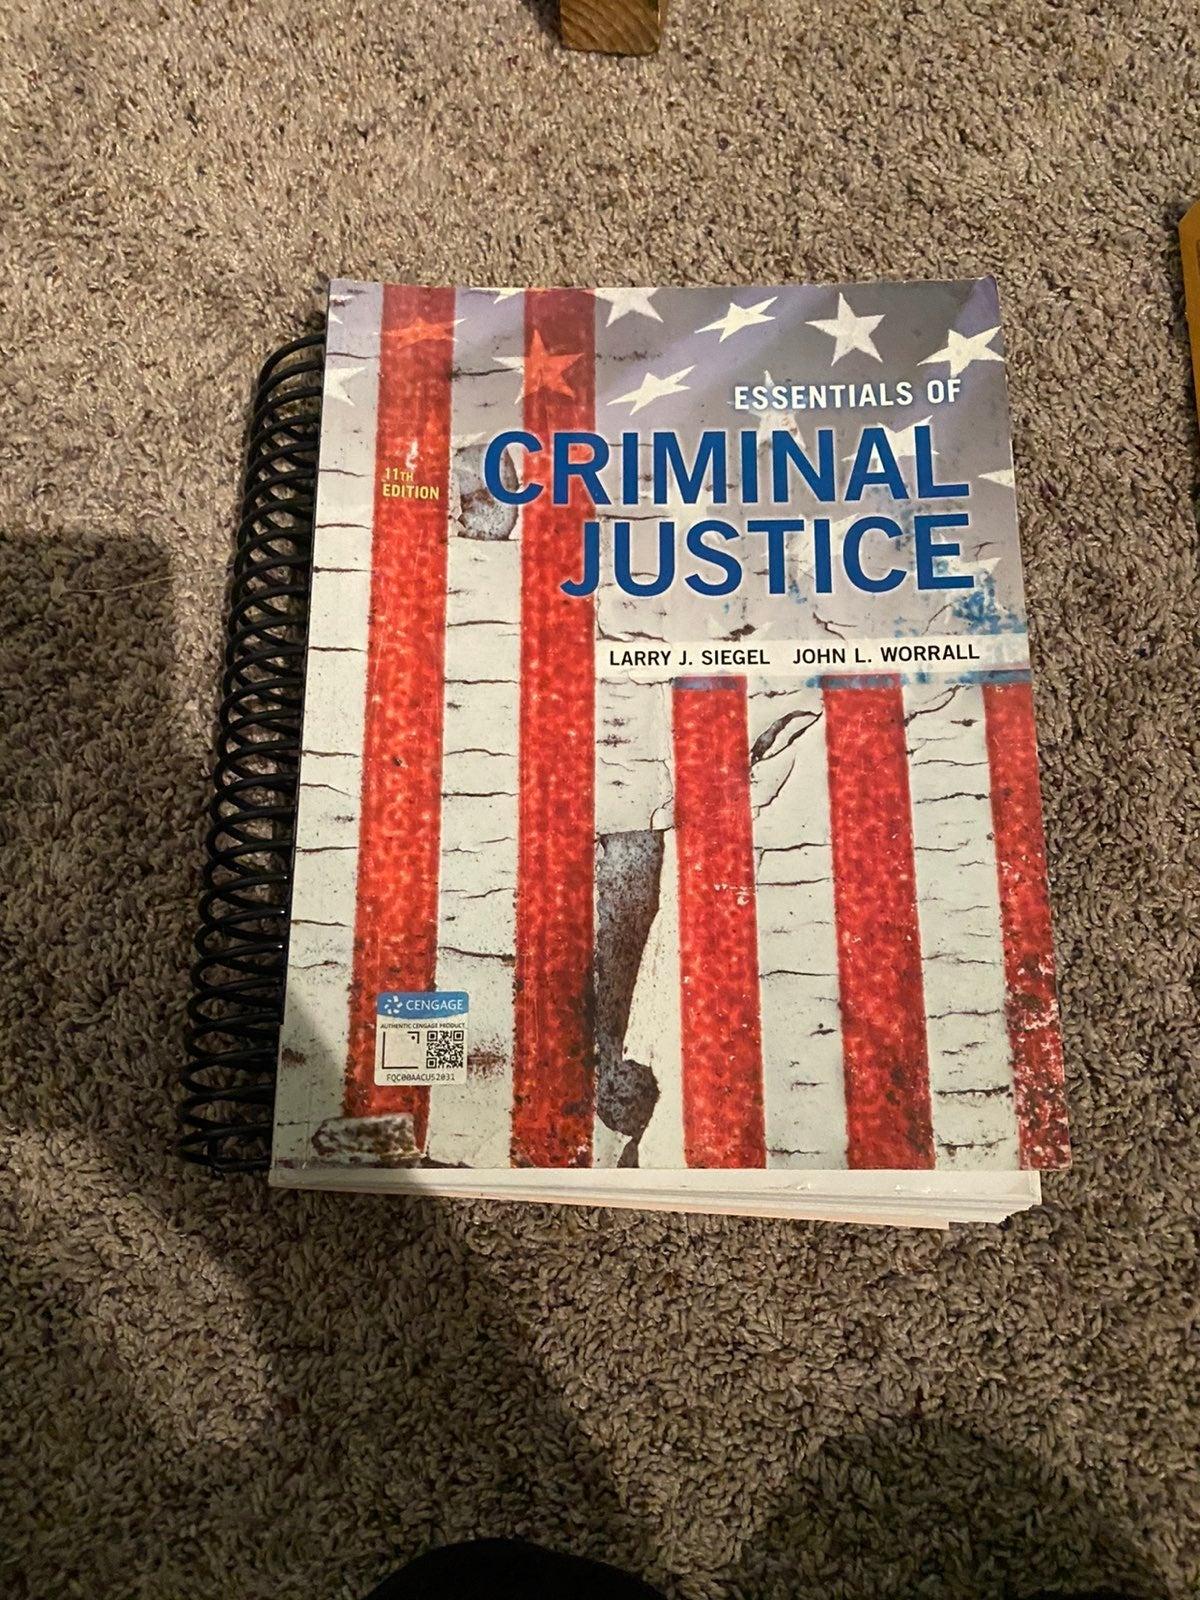 Essentials of criminal justice textbook